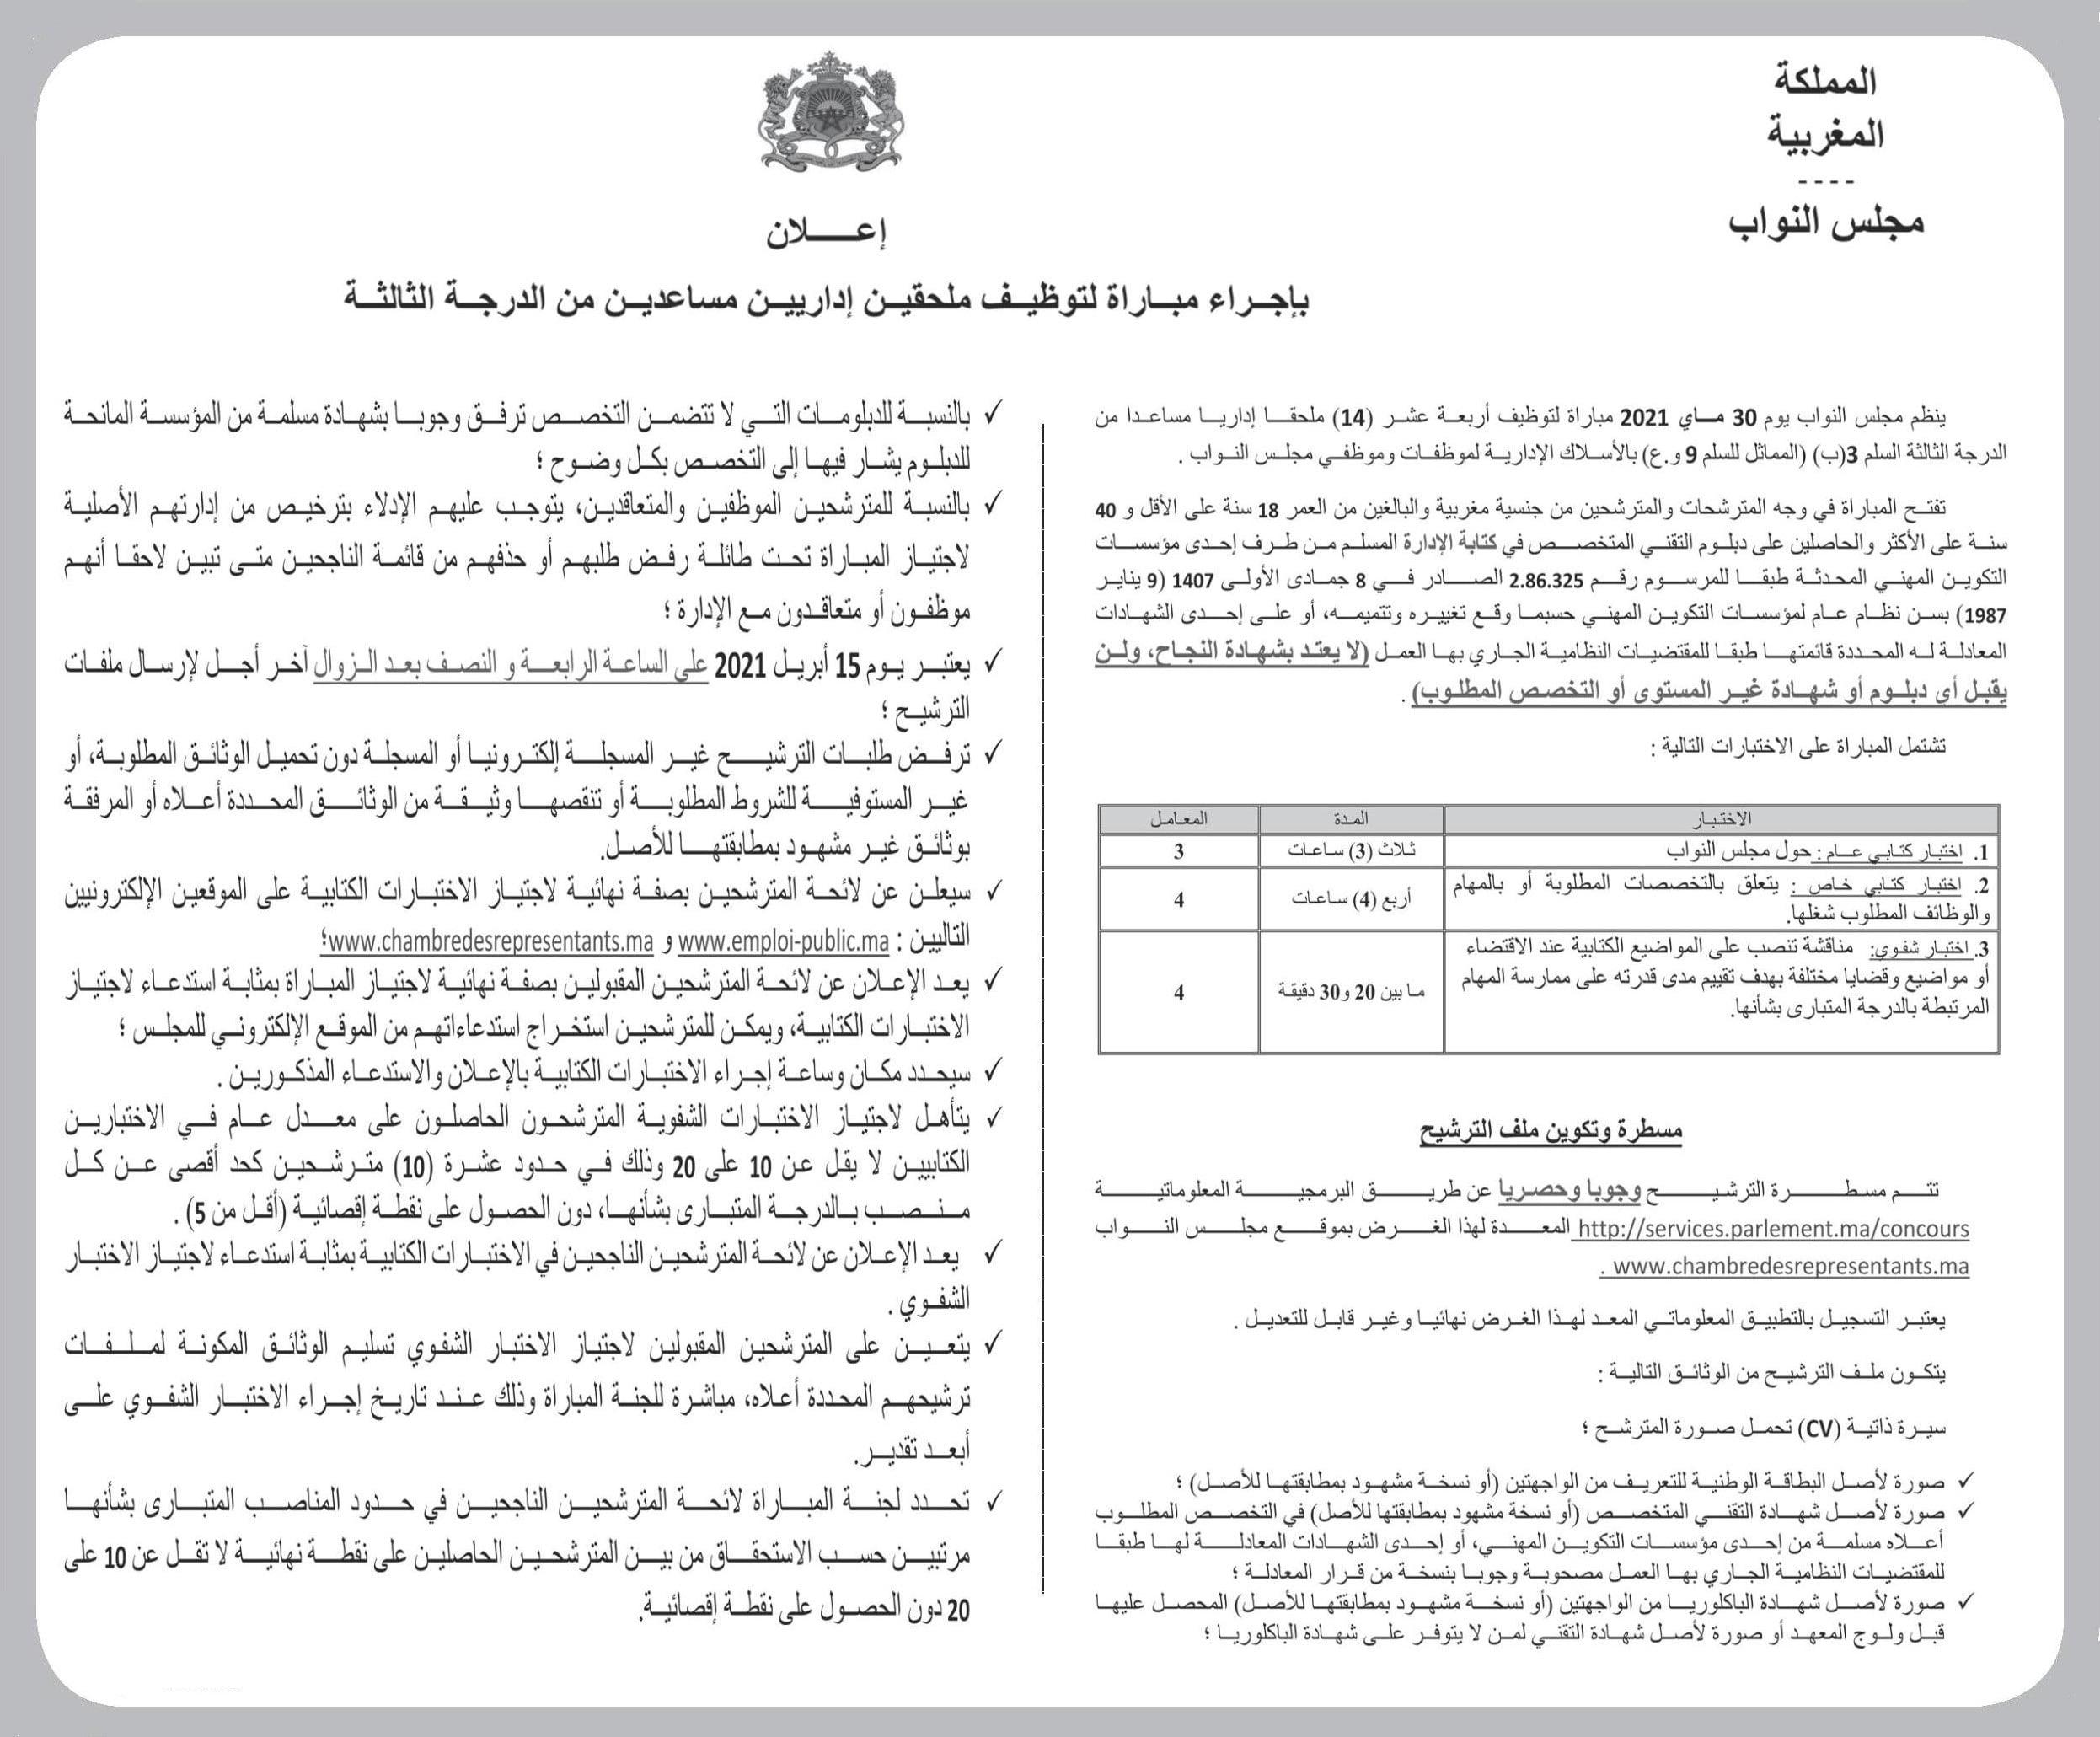 مجلس النواب مباراة توظيف 52 منصب